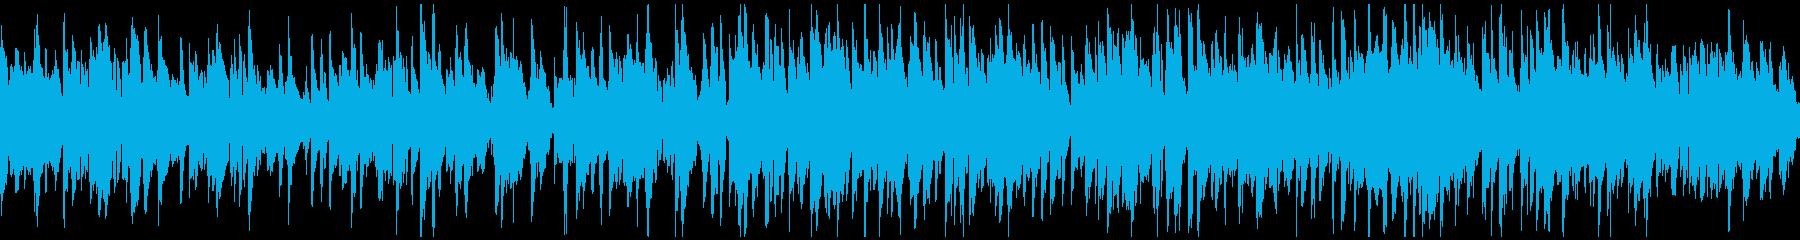 素敵な大人の日常系ジャズ ※ループ版の再生済みの波形